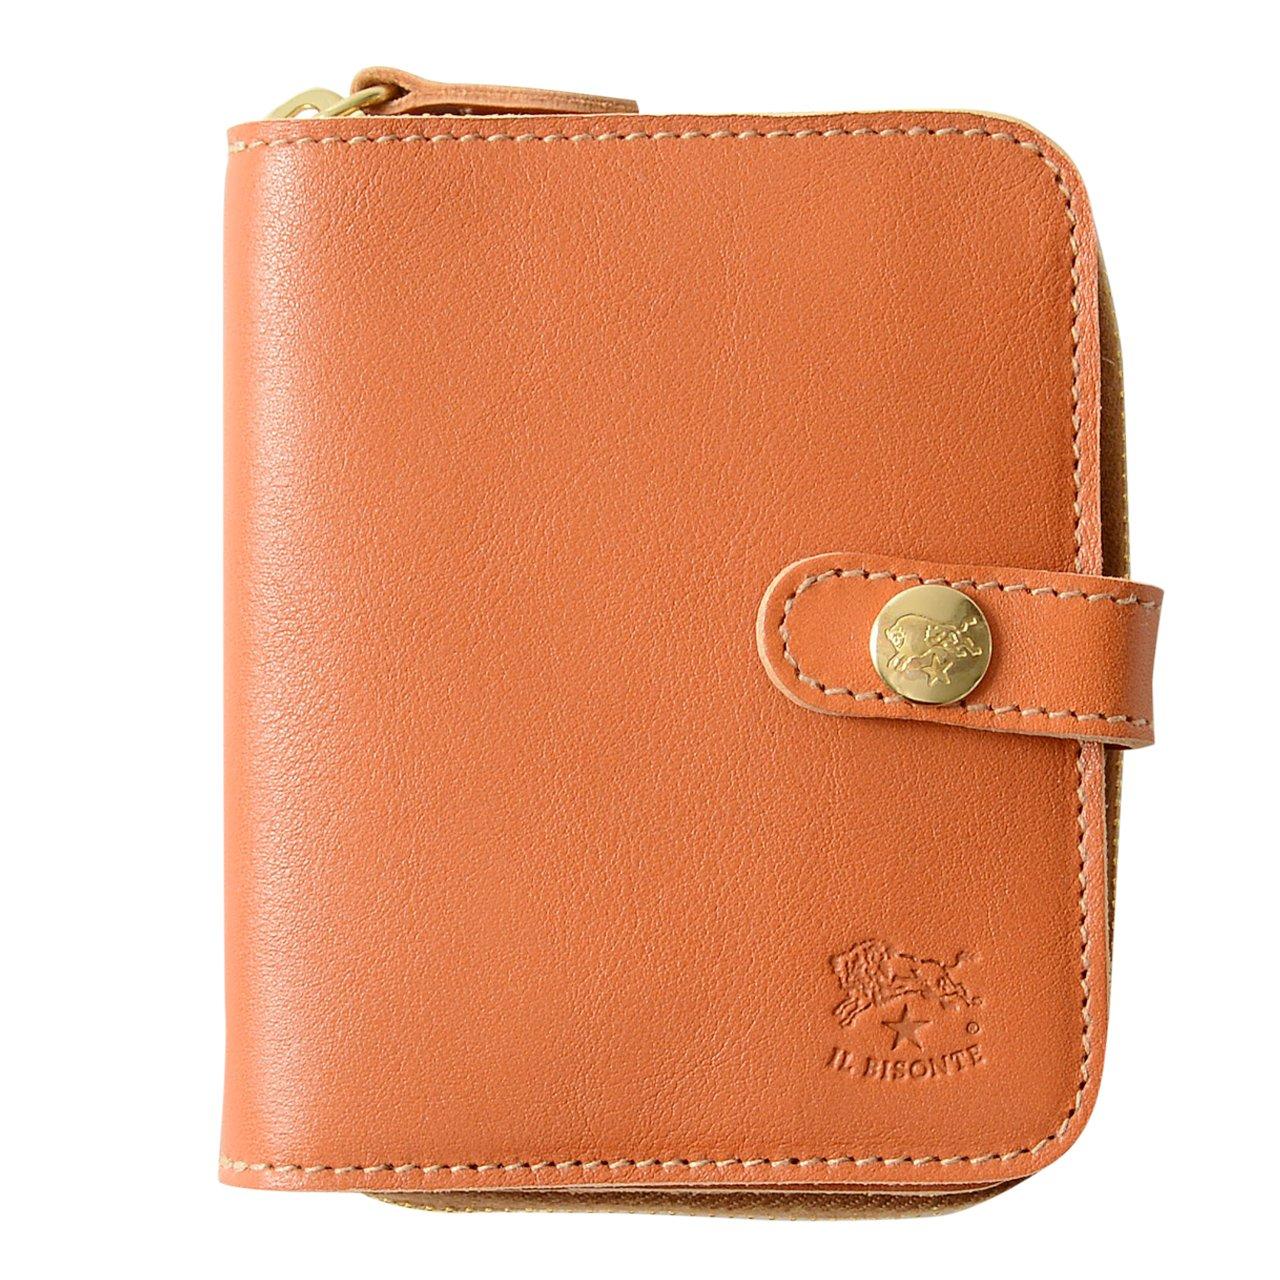 762cacf504aa 国内正規販売店 [イルビゾンテ] IL BISONTE ラウンドジップ コンパクト ウォレット ショートウォレット 財布